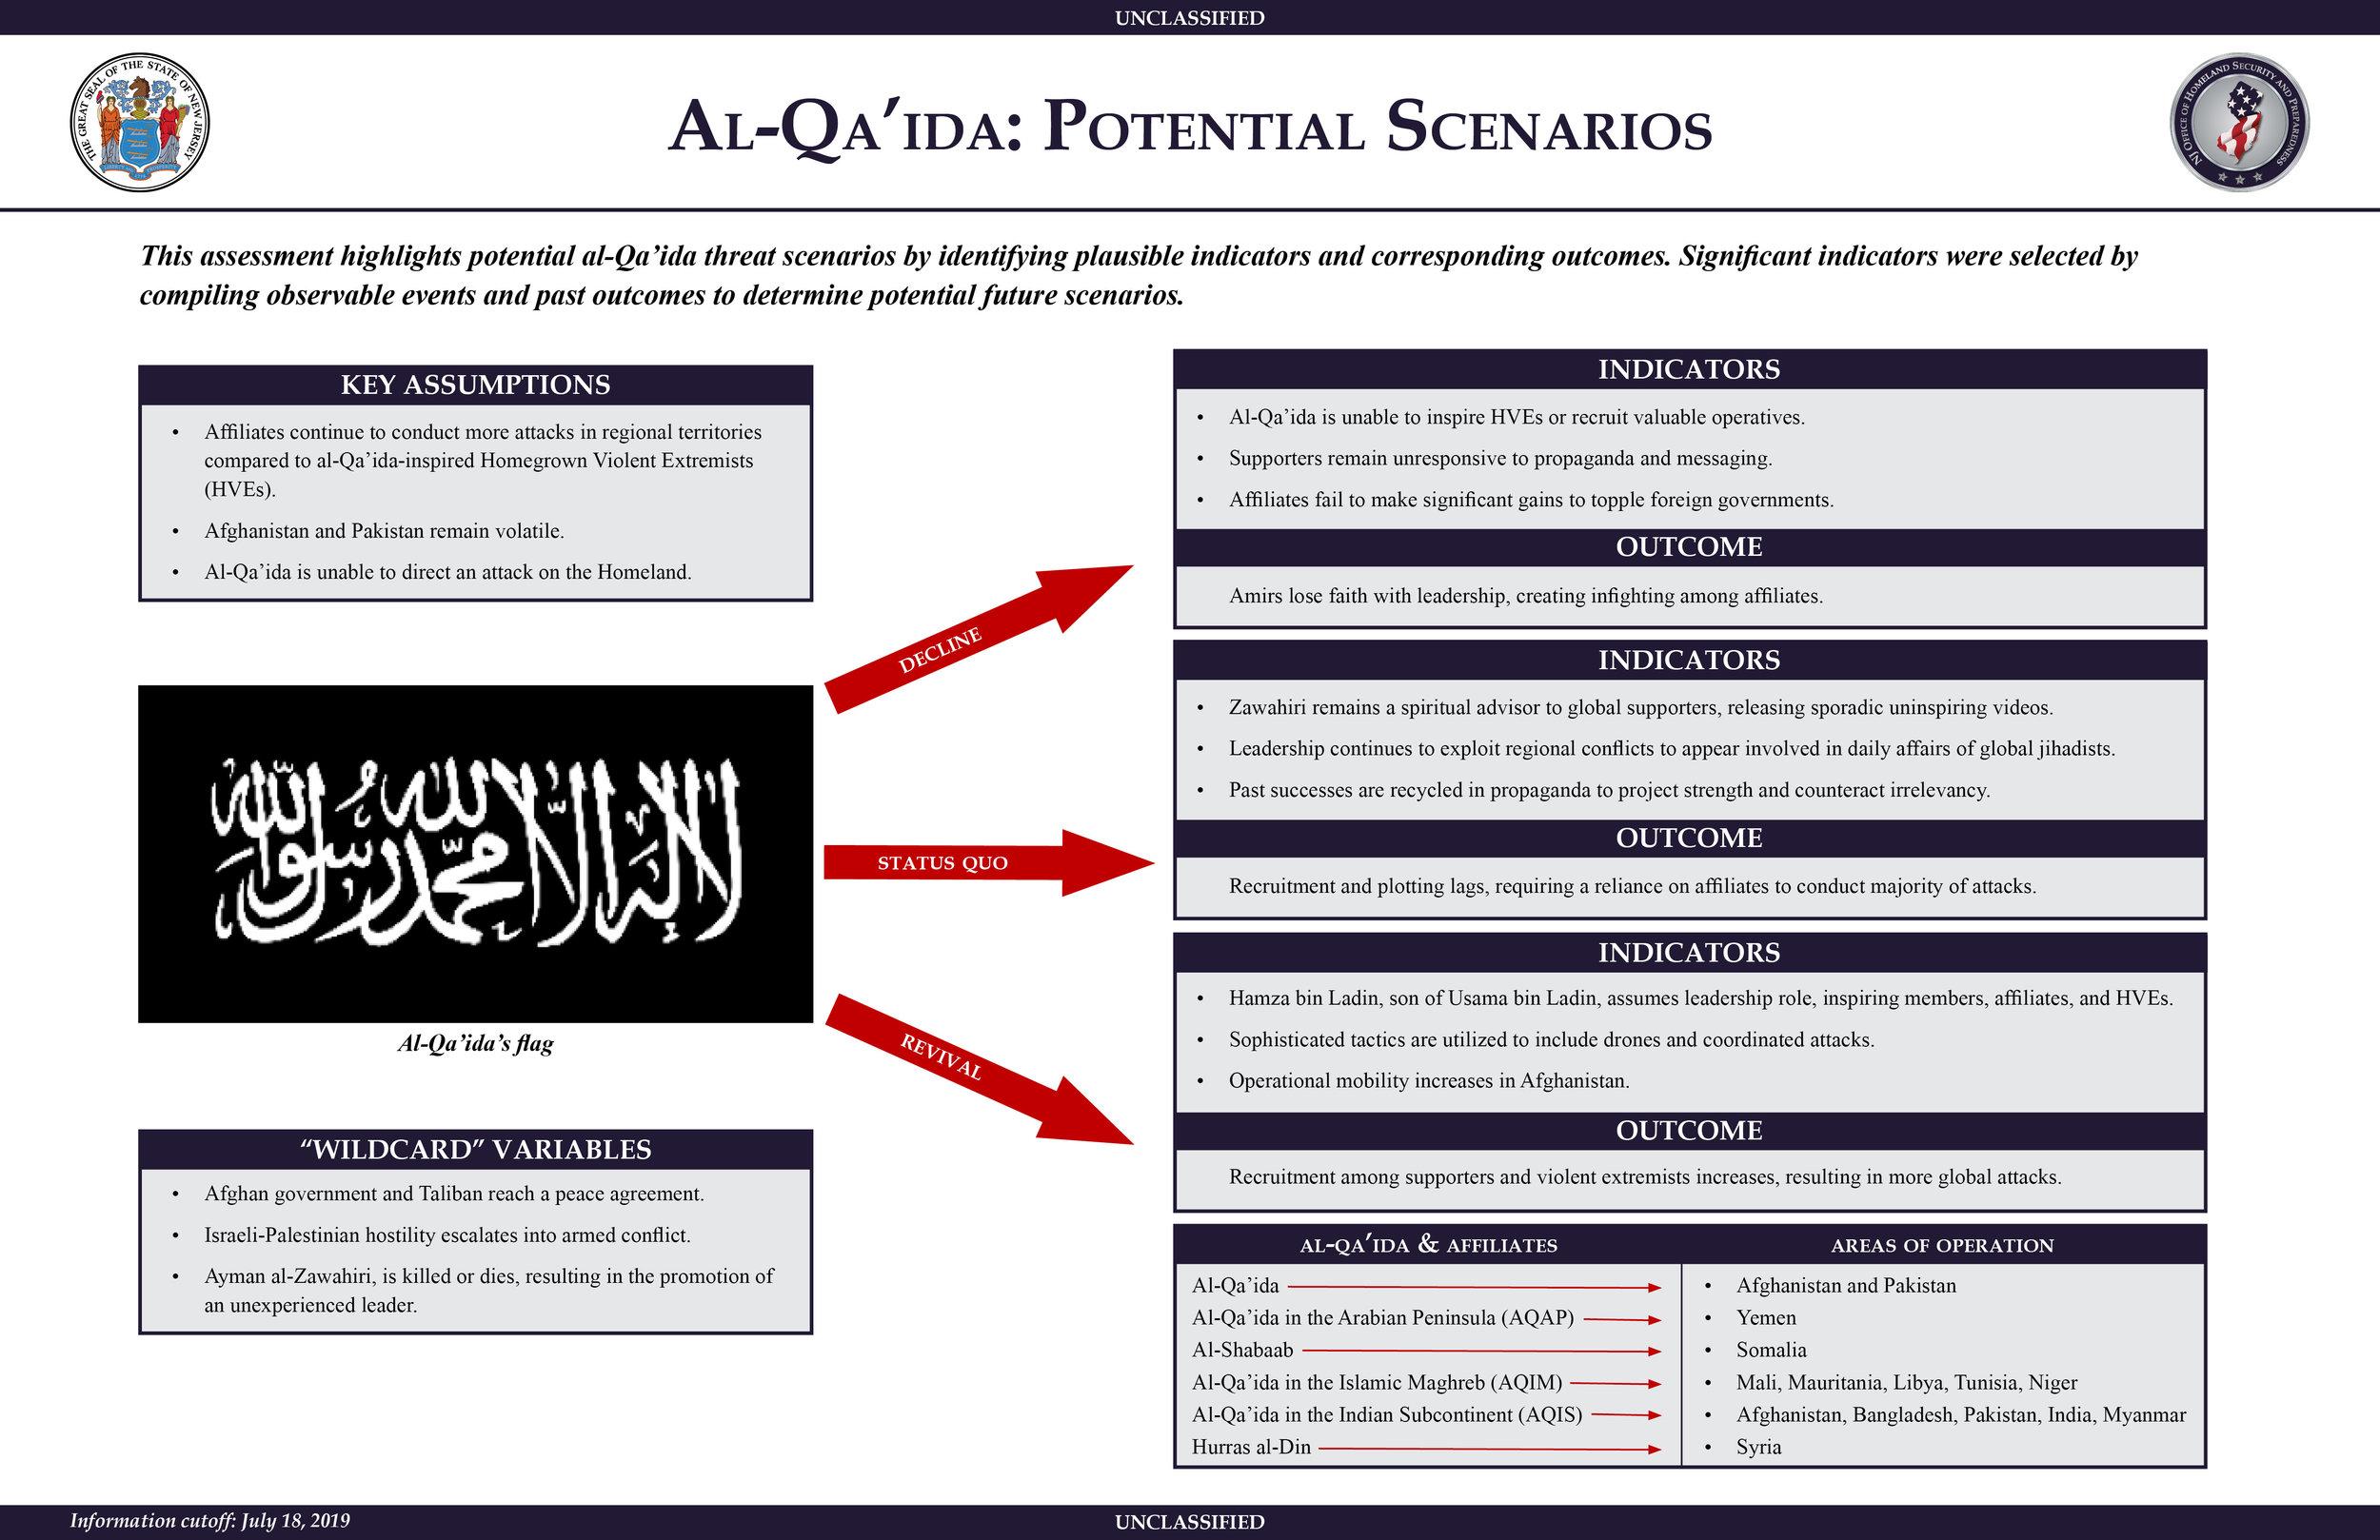 alqaida_potential_scenarios_7.18.19.jpg